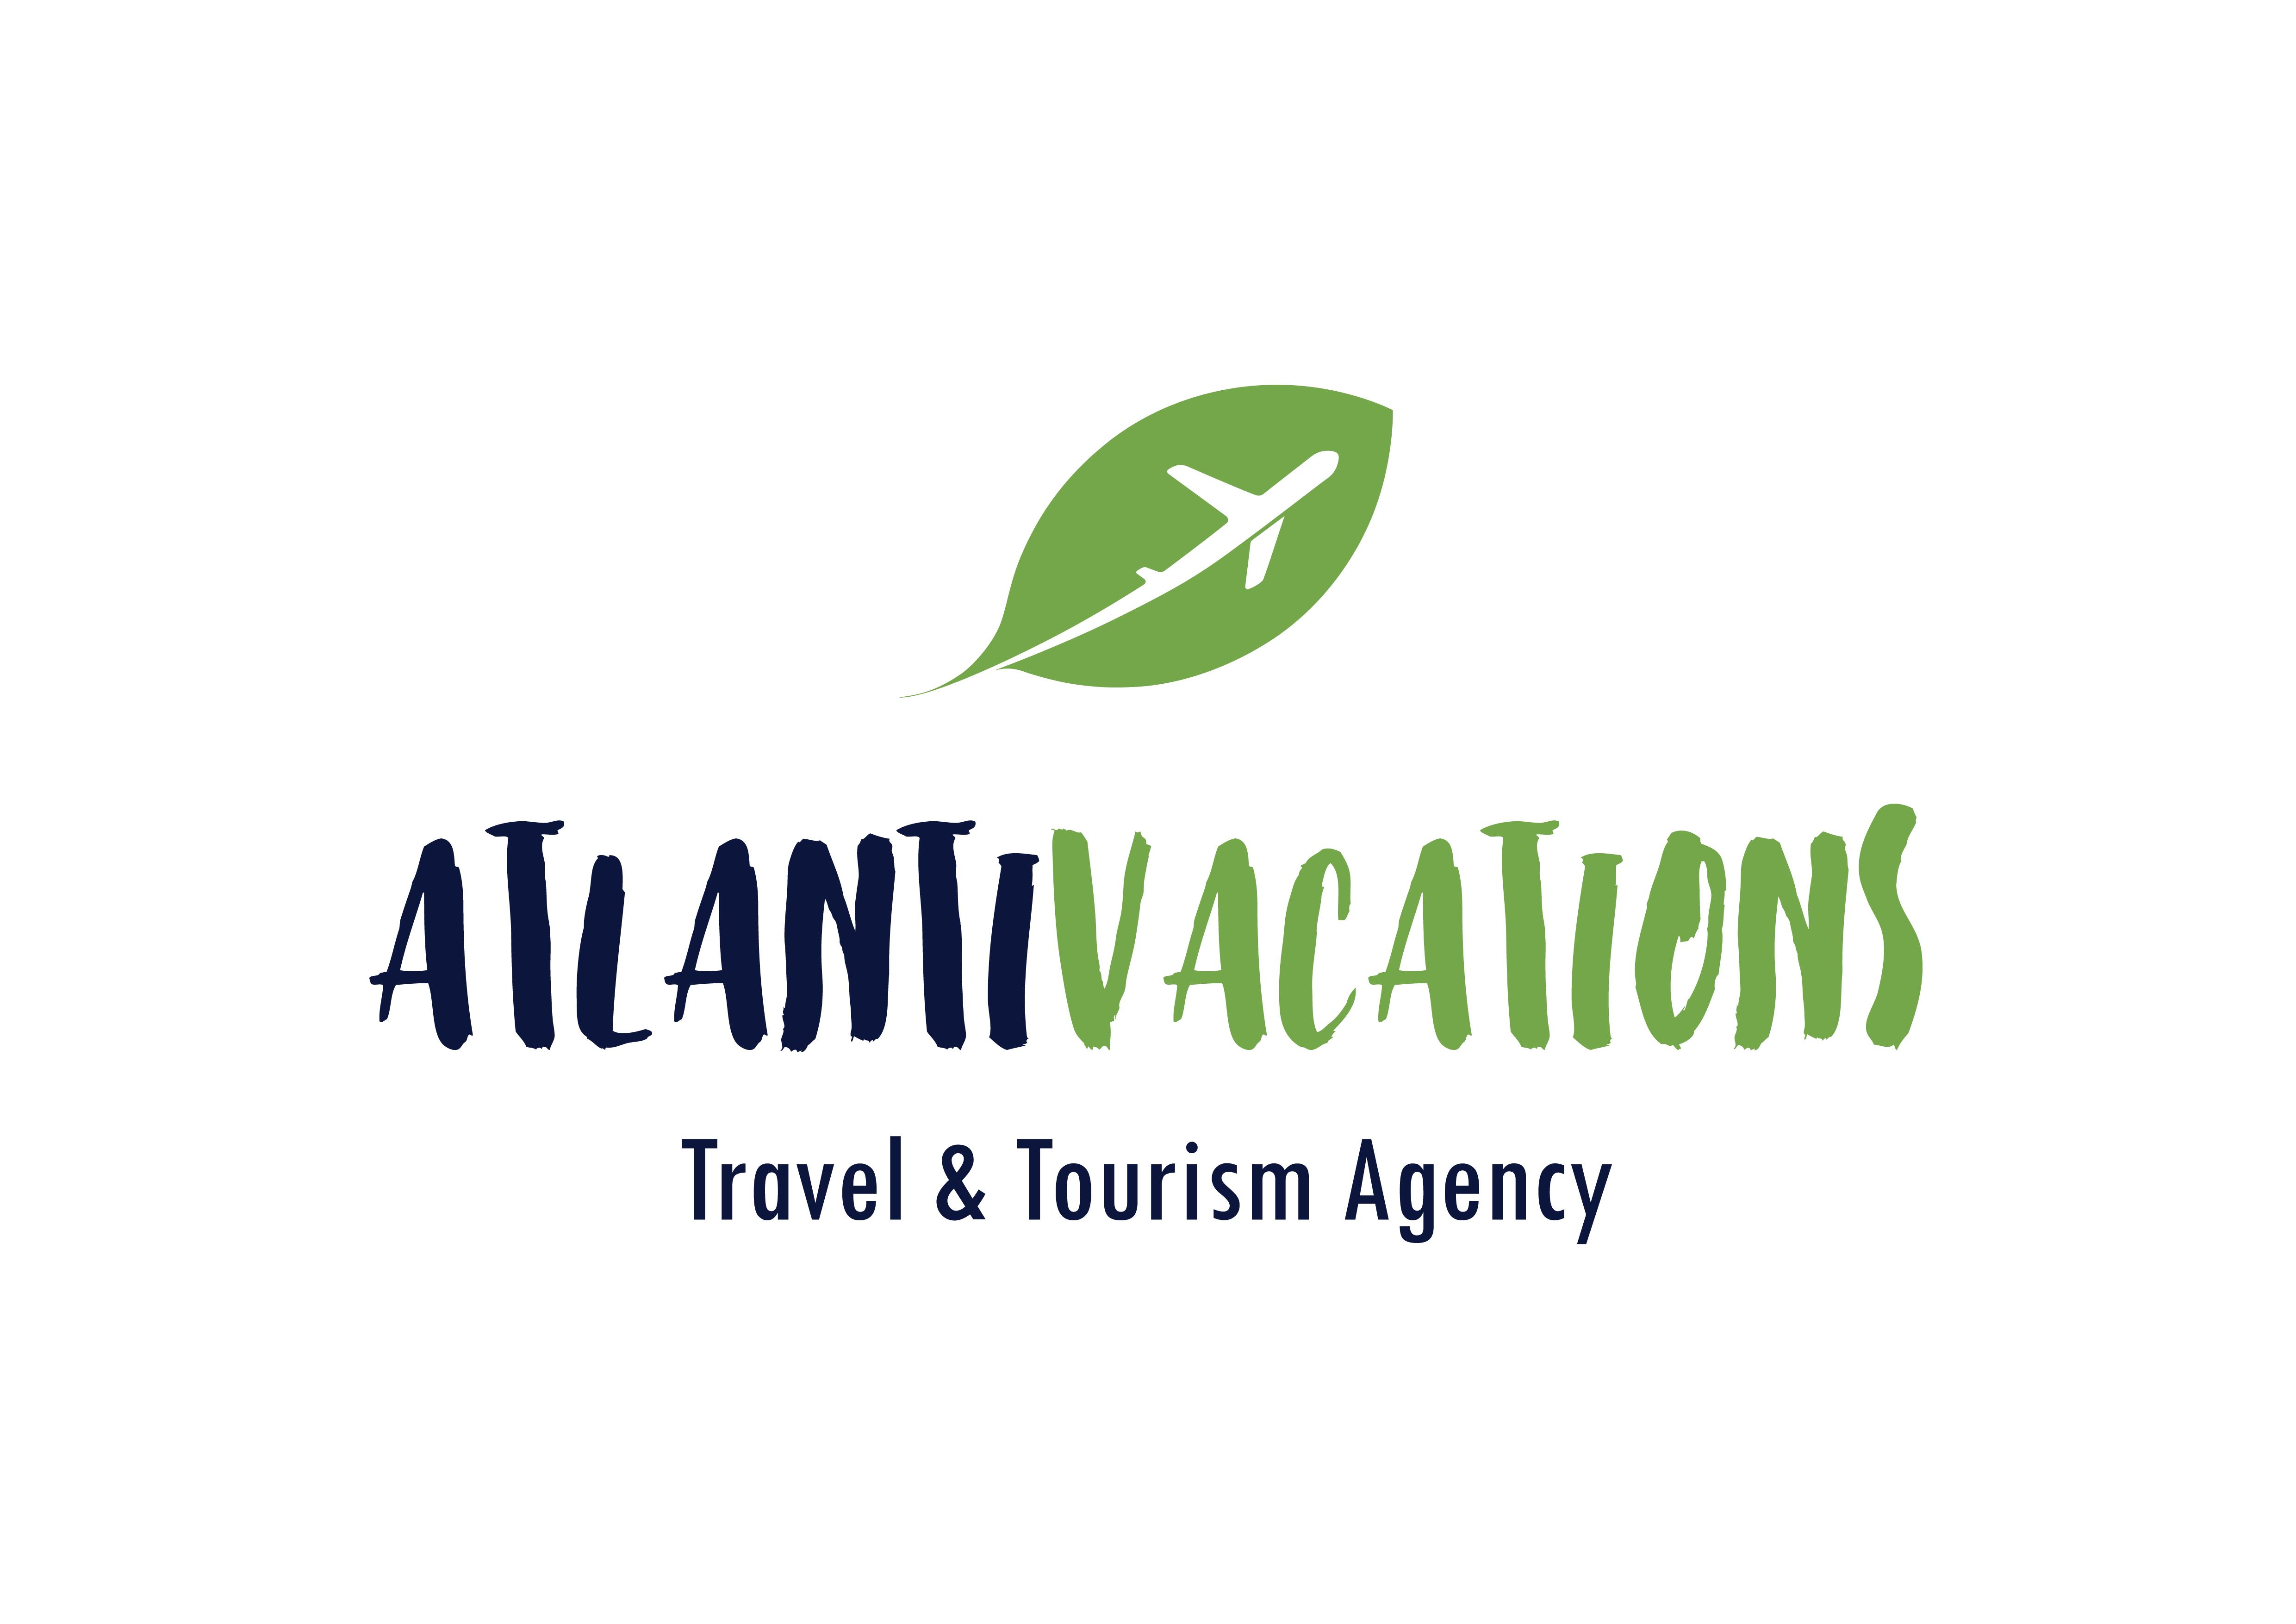 Atlantivacations Travel & Tourism Agency Unipessoal Lda.